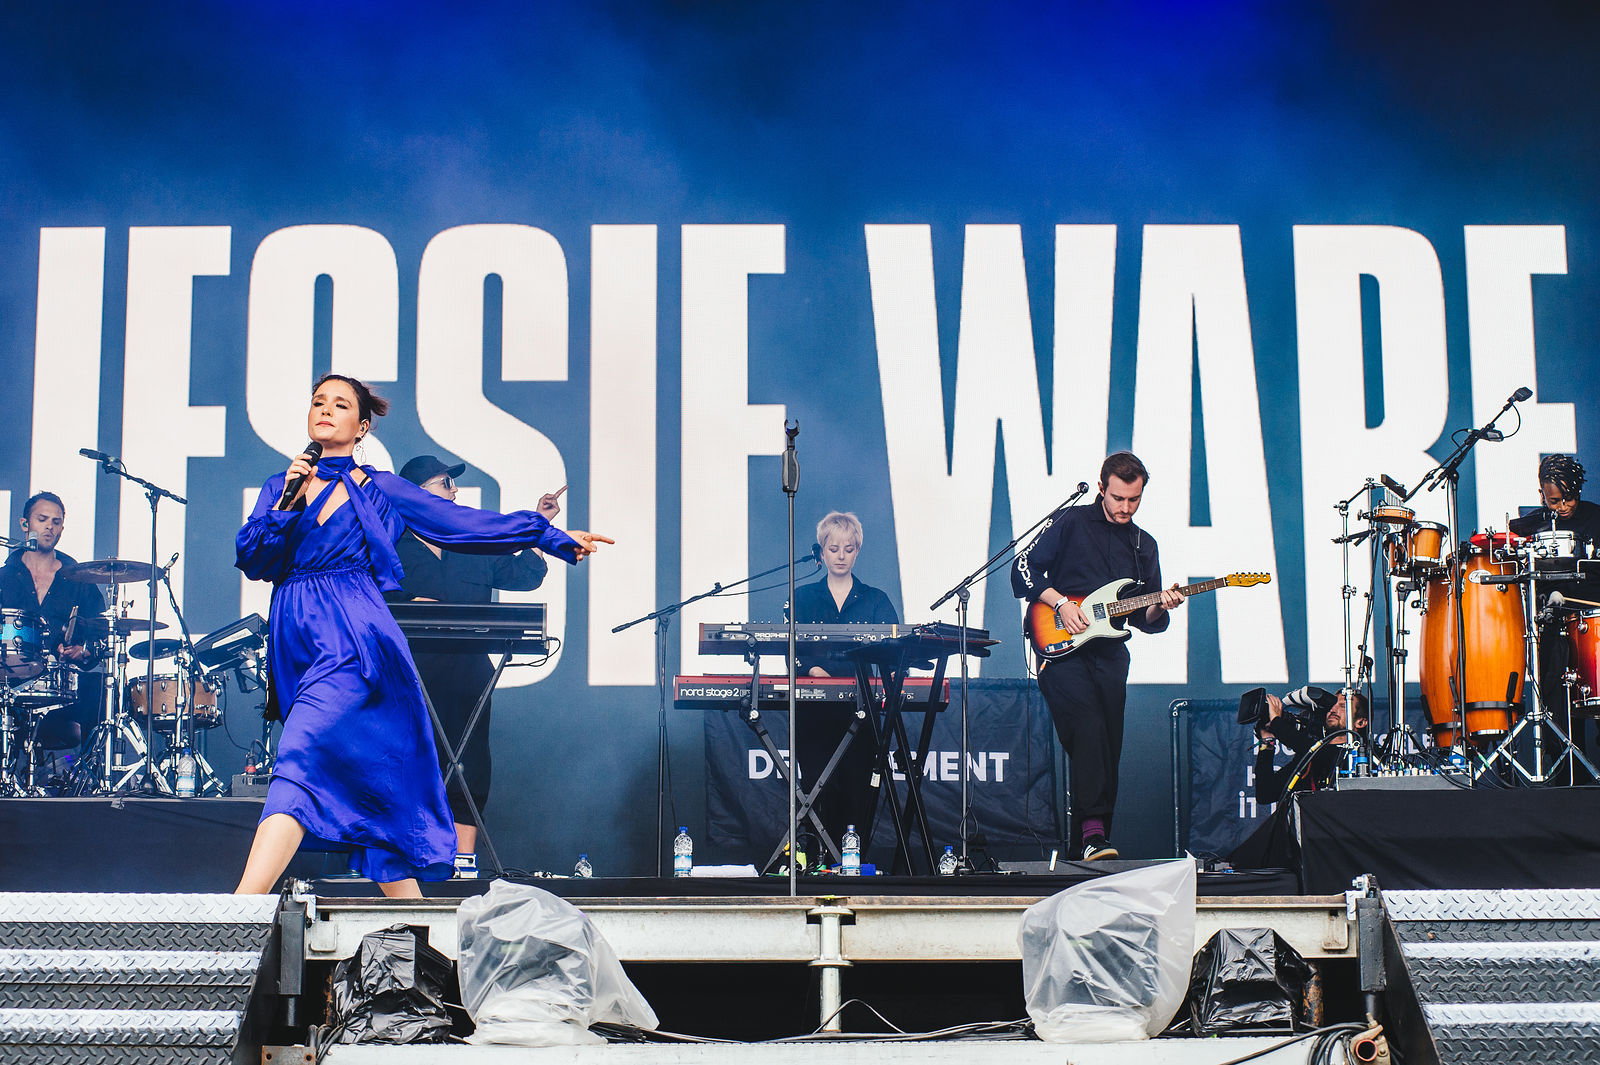 Jessie Ware